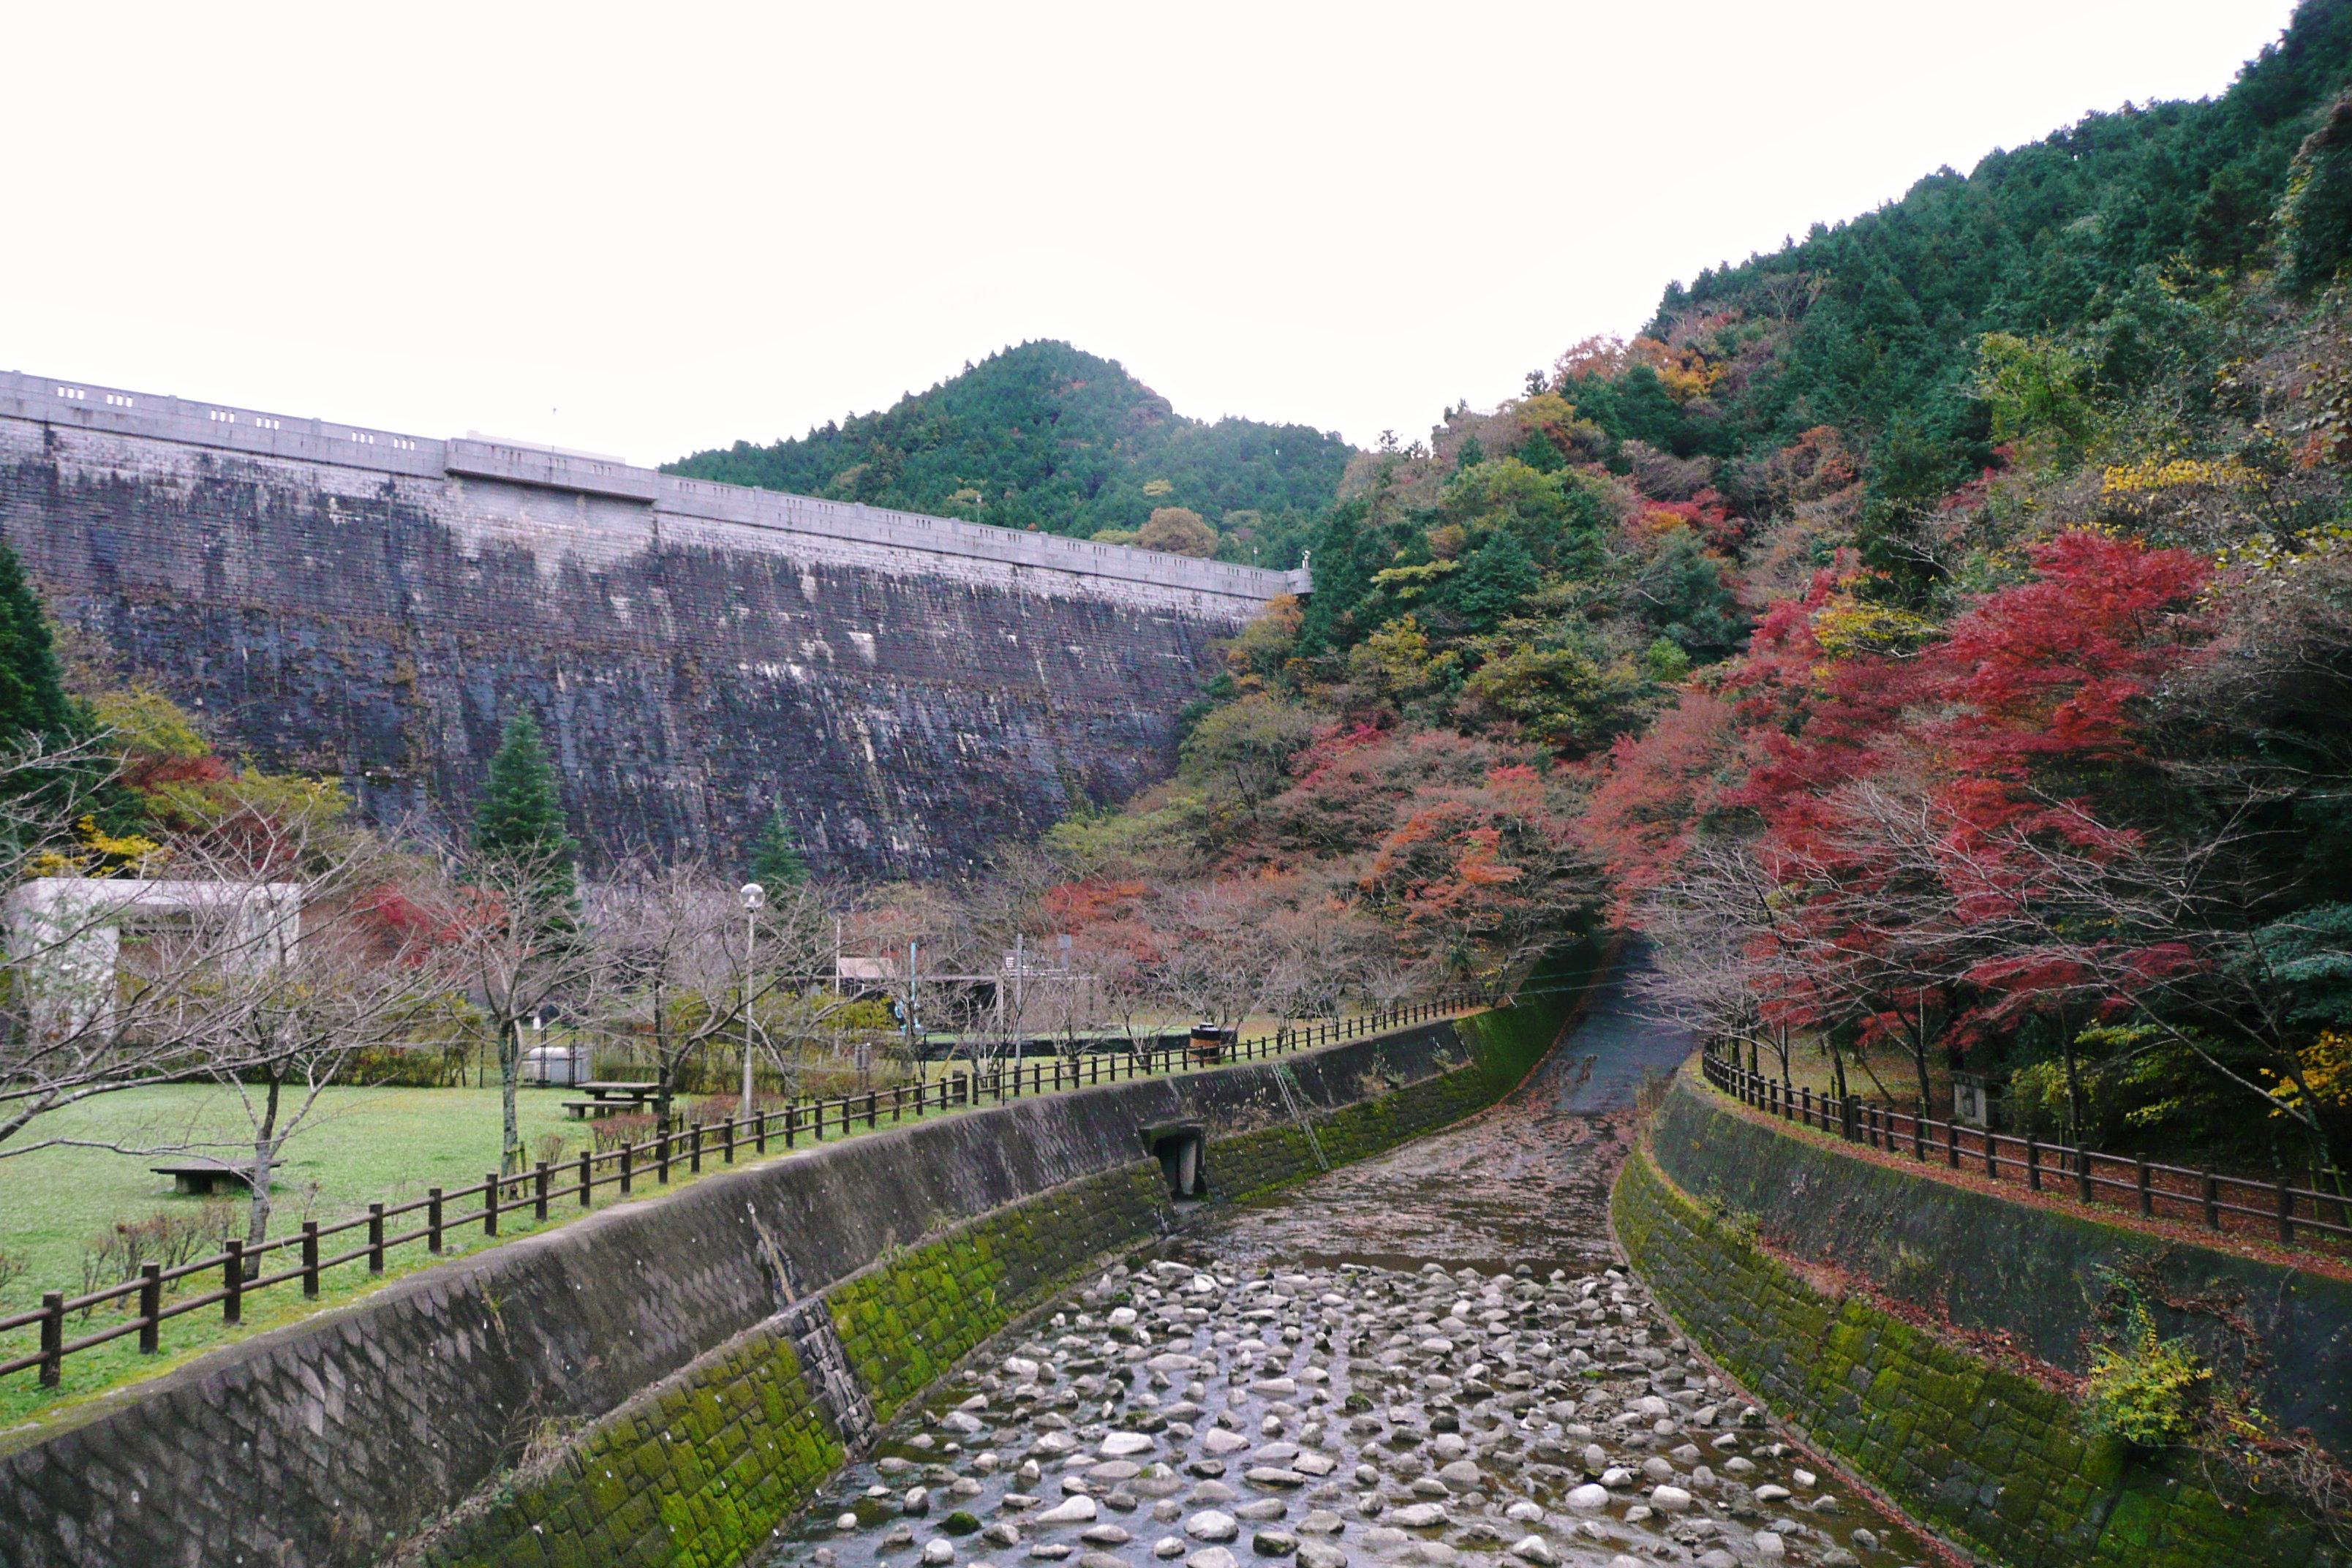 曲渕(まがりぶち)ダム: 自然人の日記